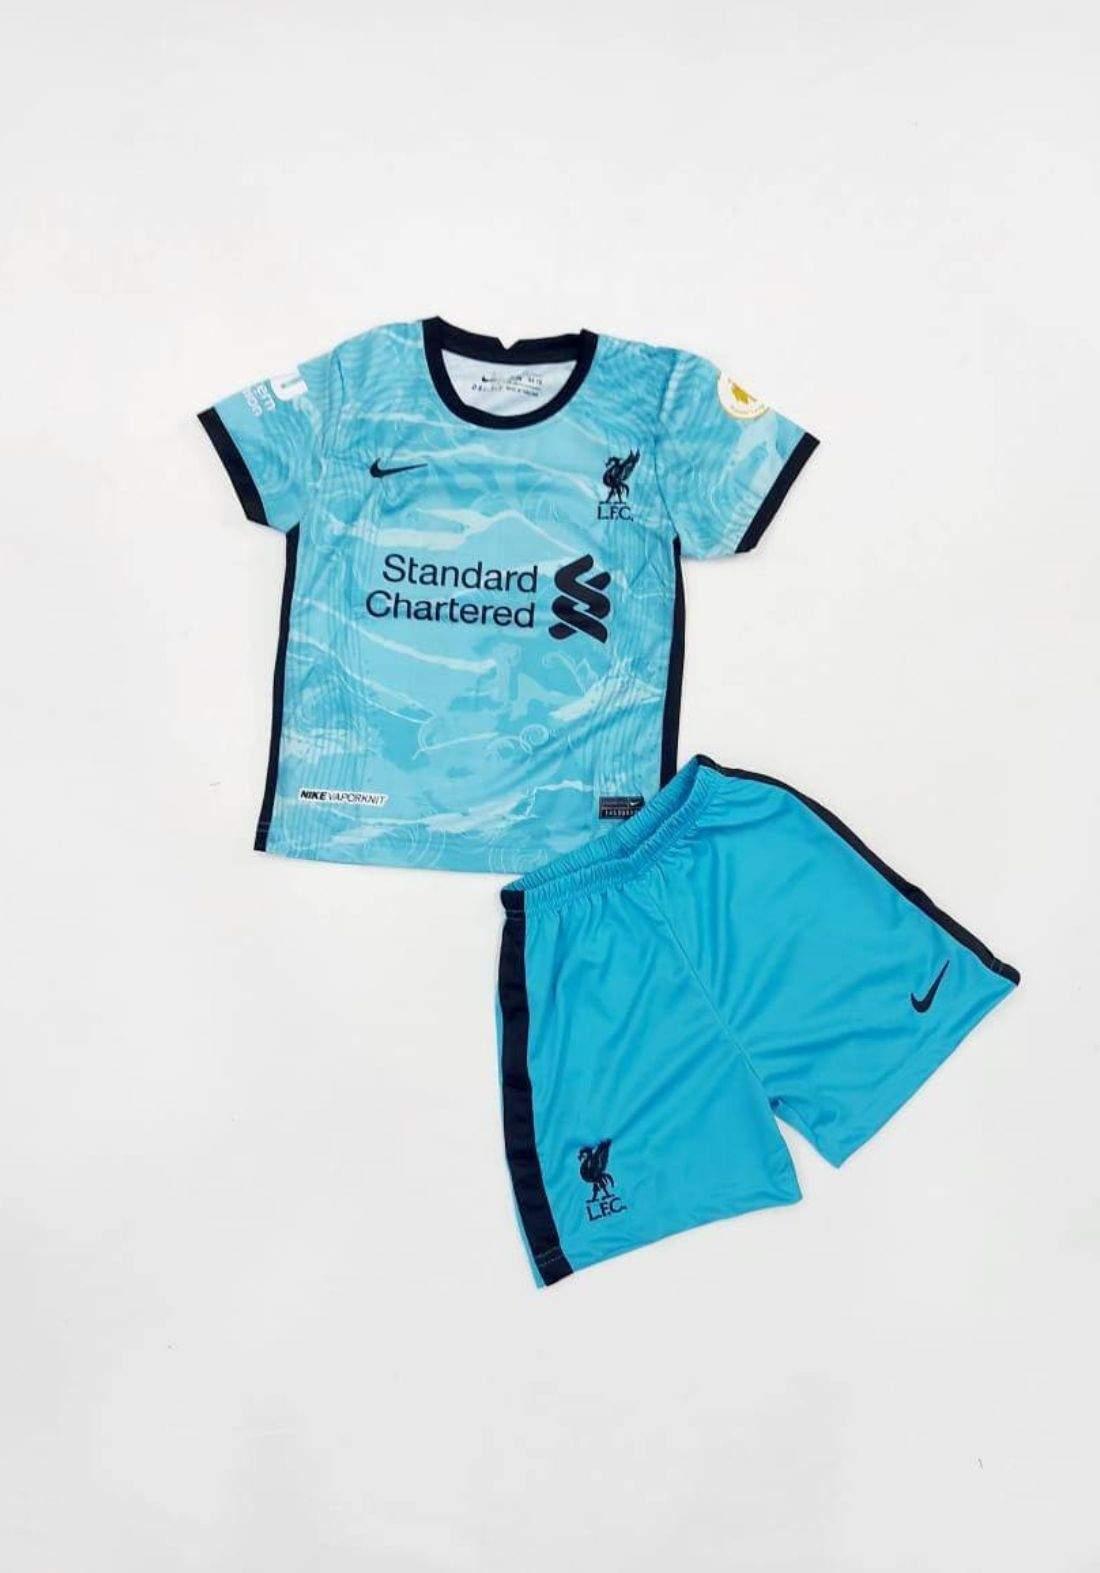 دريس ليفربول الموسم الجديد 2021 ازرق اللون